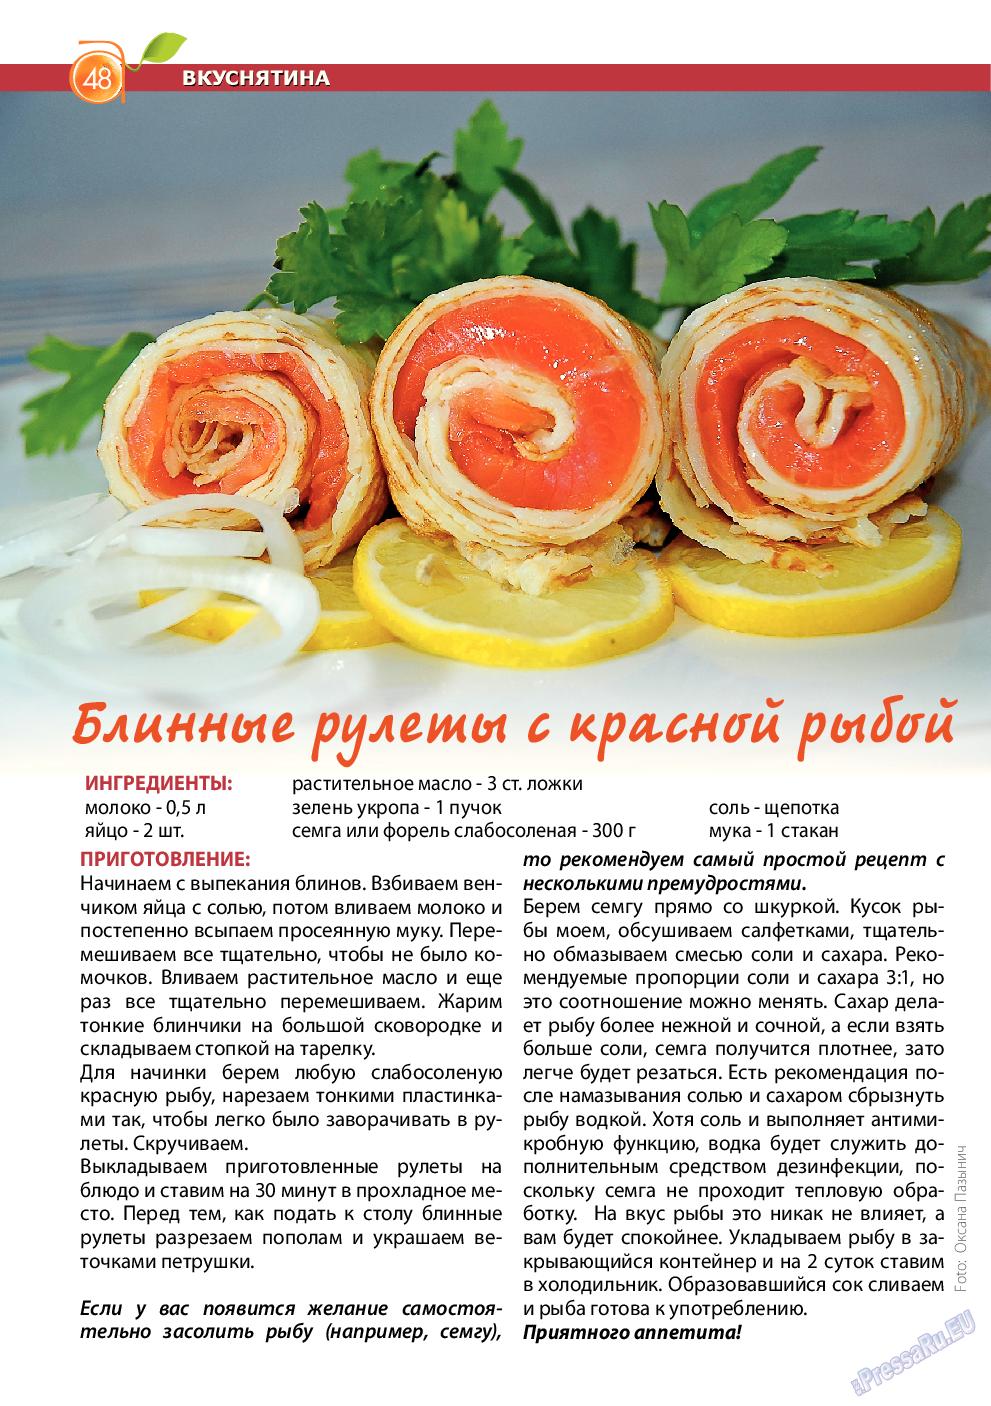 Апельсин (журнал). 2014 год, номер 62, стр. 48